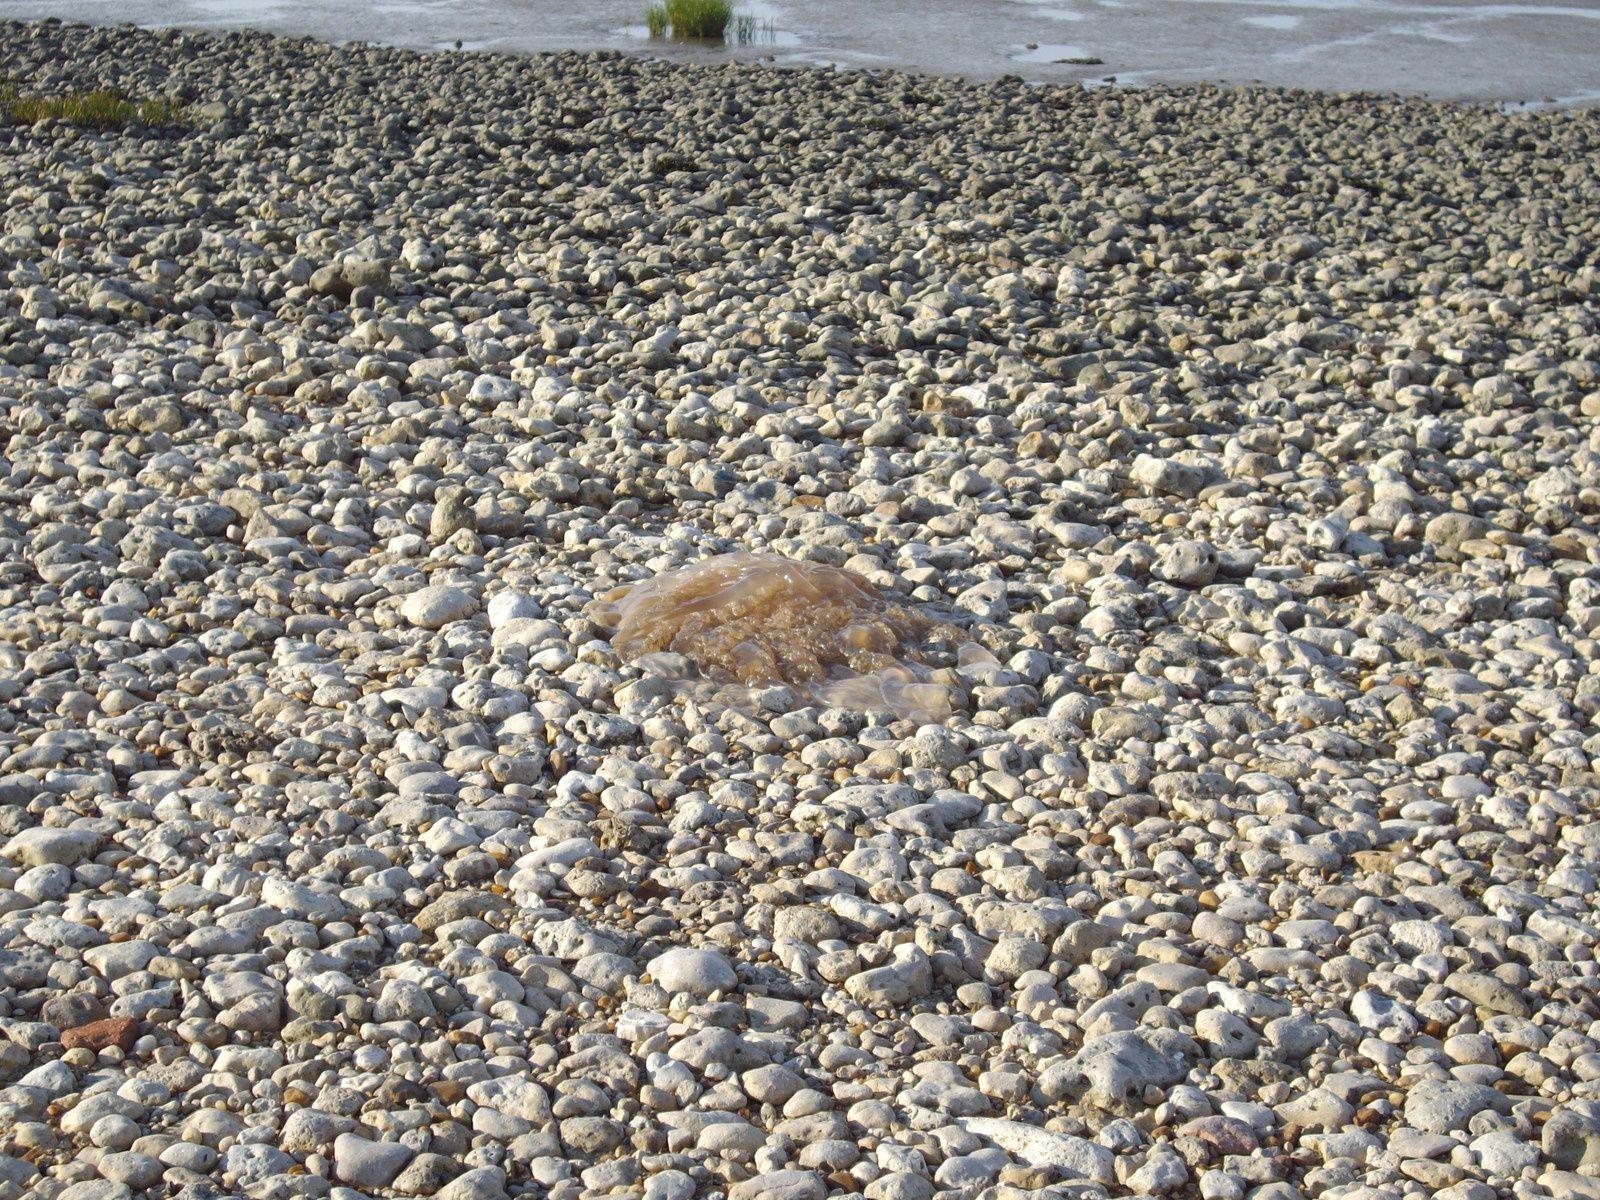 les rochers,les carrelets ,le coucher du soleil et des méduses échouées sur la passe aux boeufs reliant l'ile au continent à marée basse...